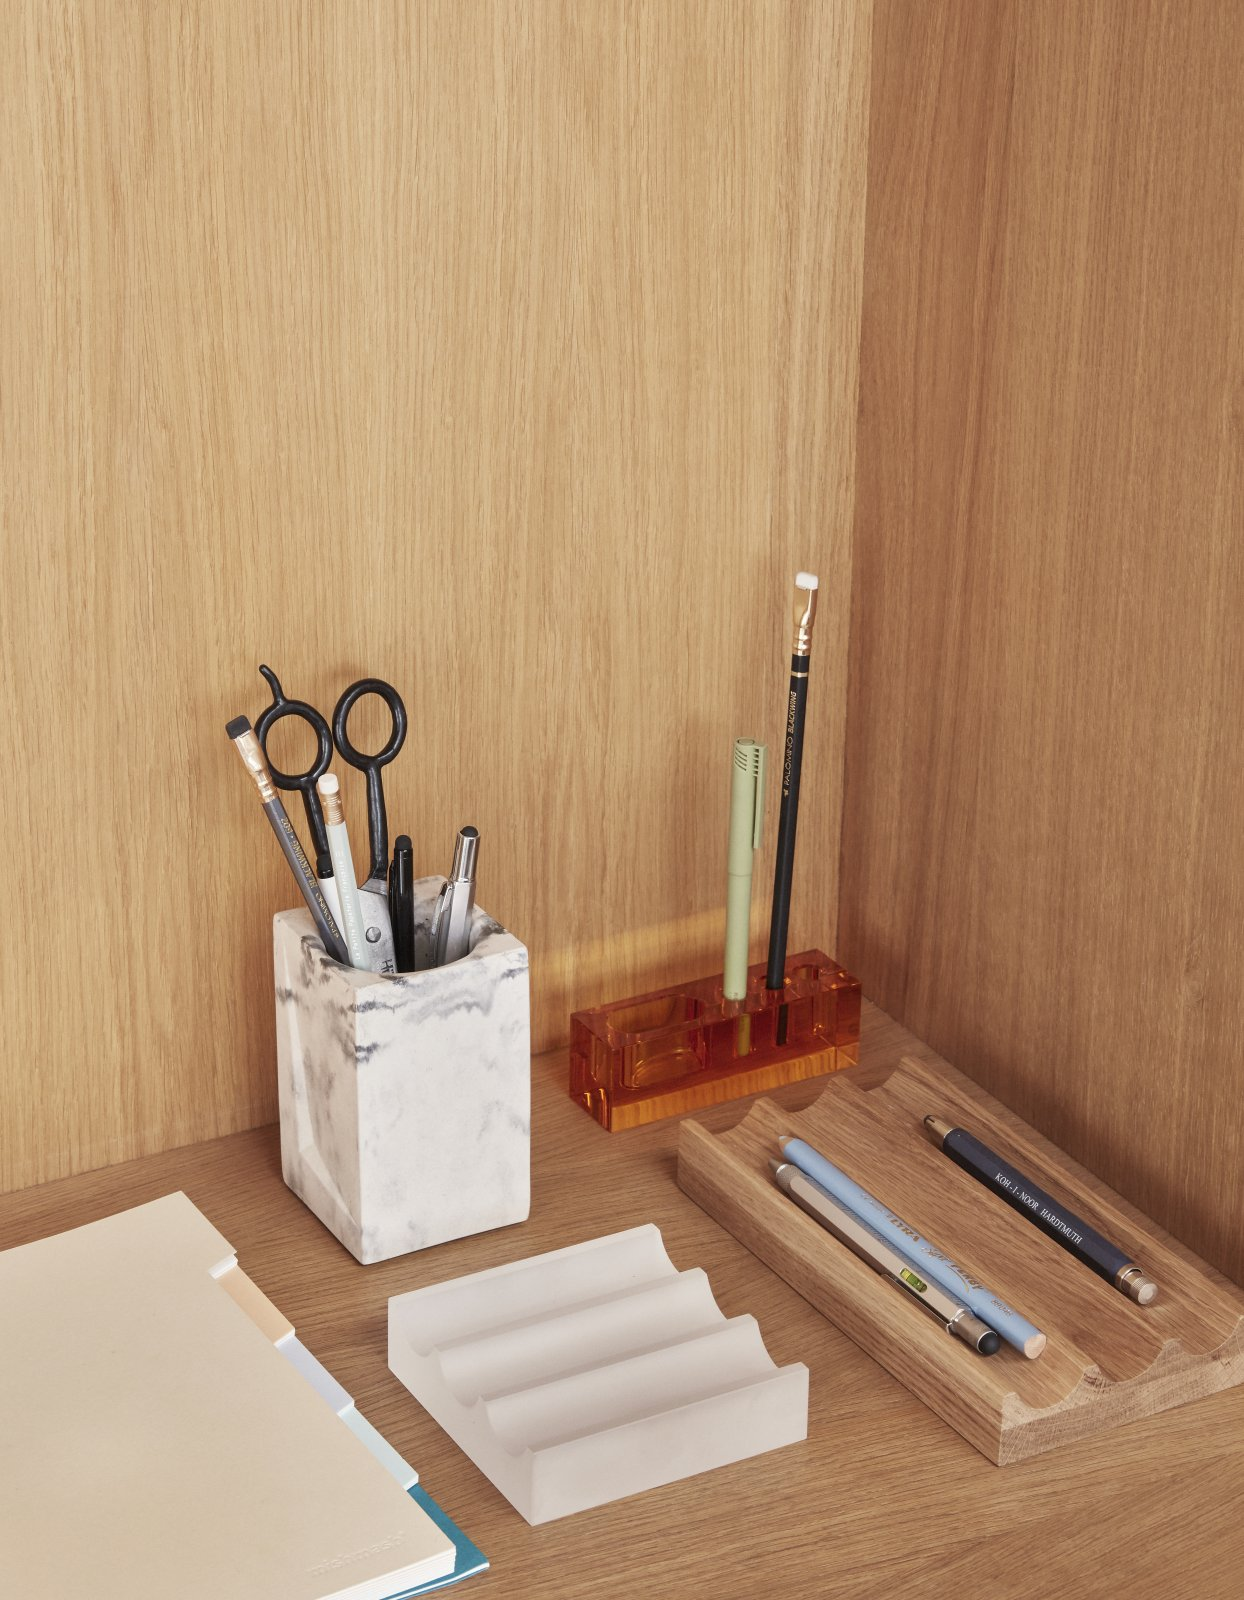 Skrivbords Organisering Glas Amber | Förvaring | KitchenTime